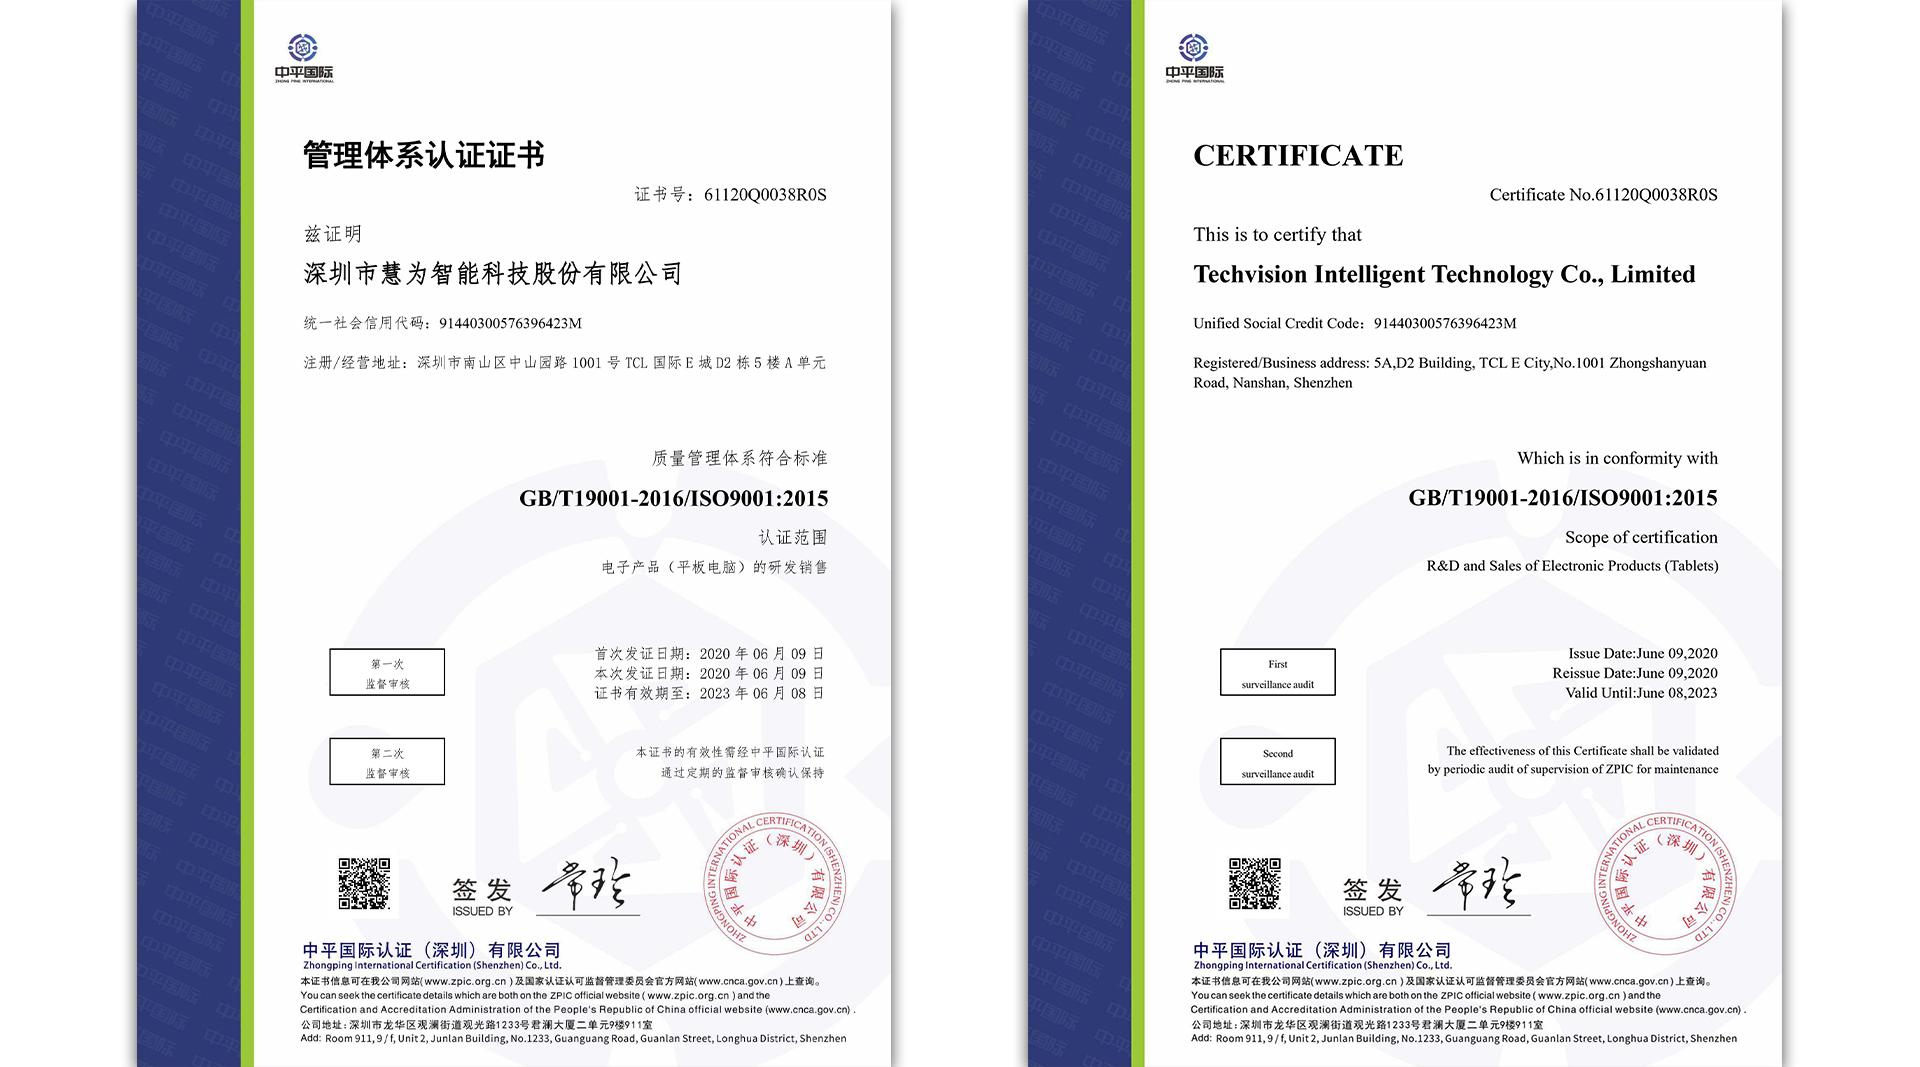 热烈庆祝公司顺利通过ISO9001质量管理体系认证年审